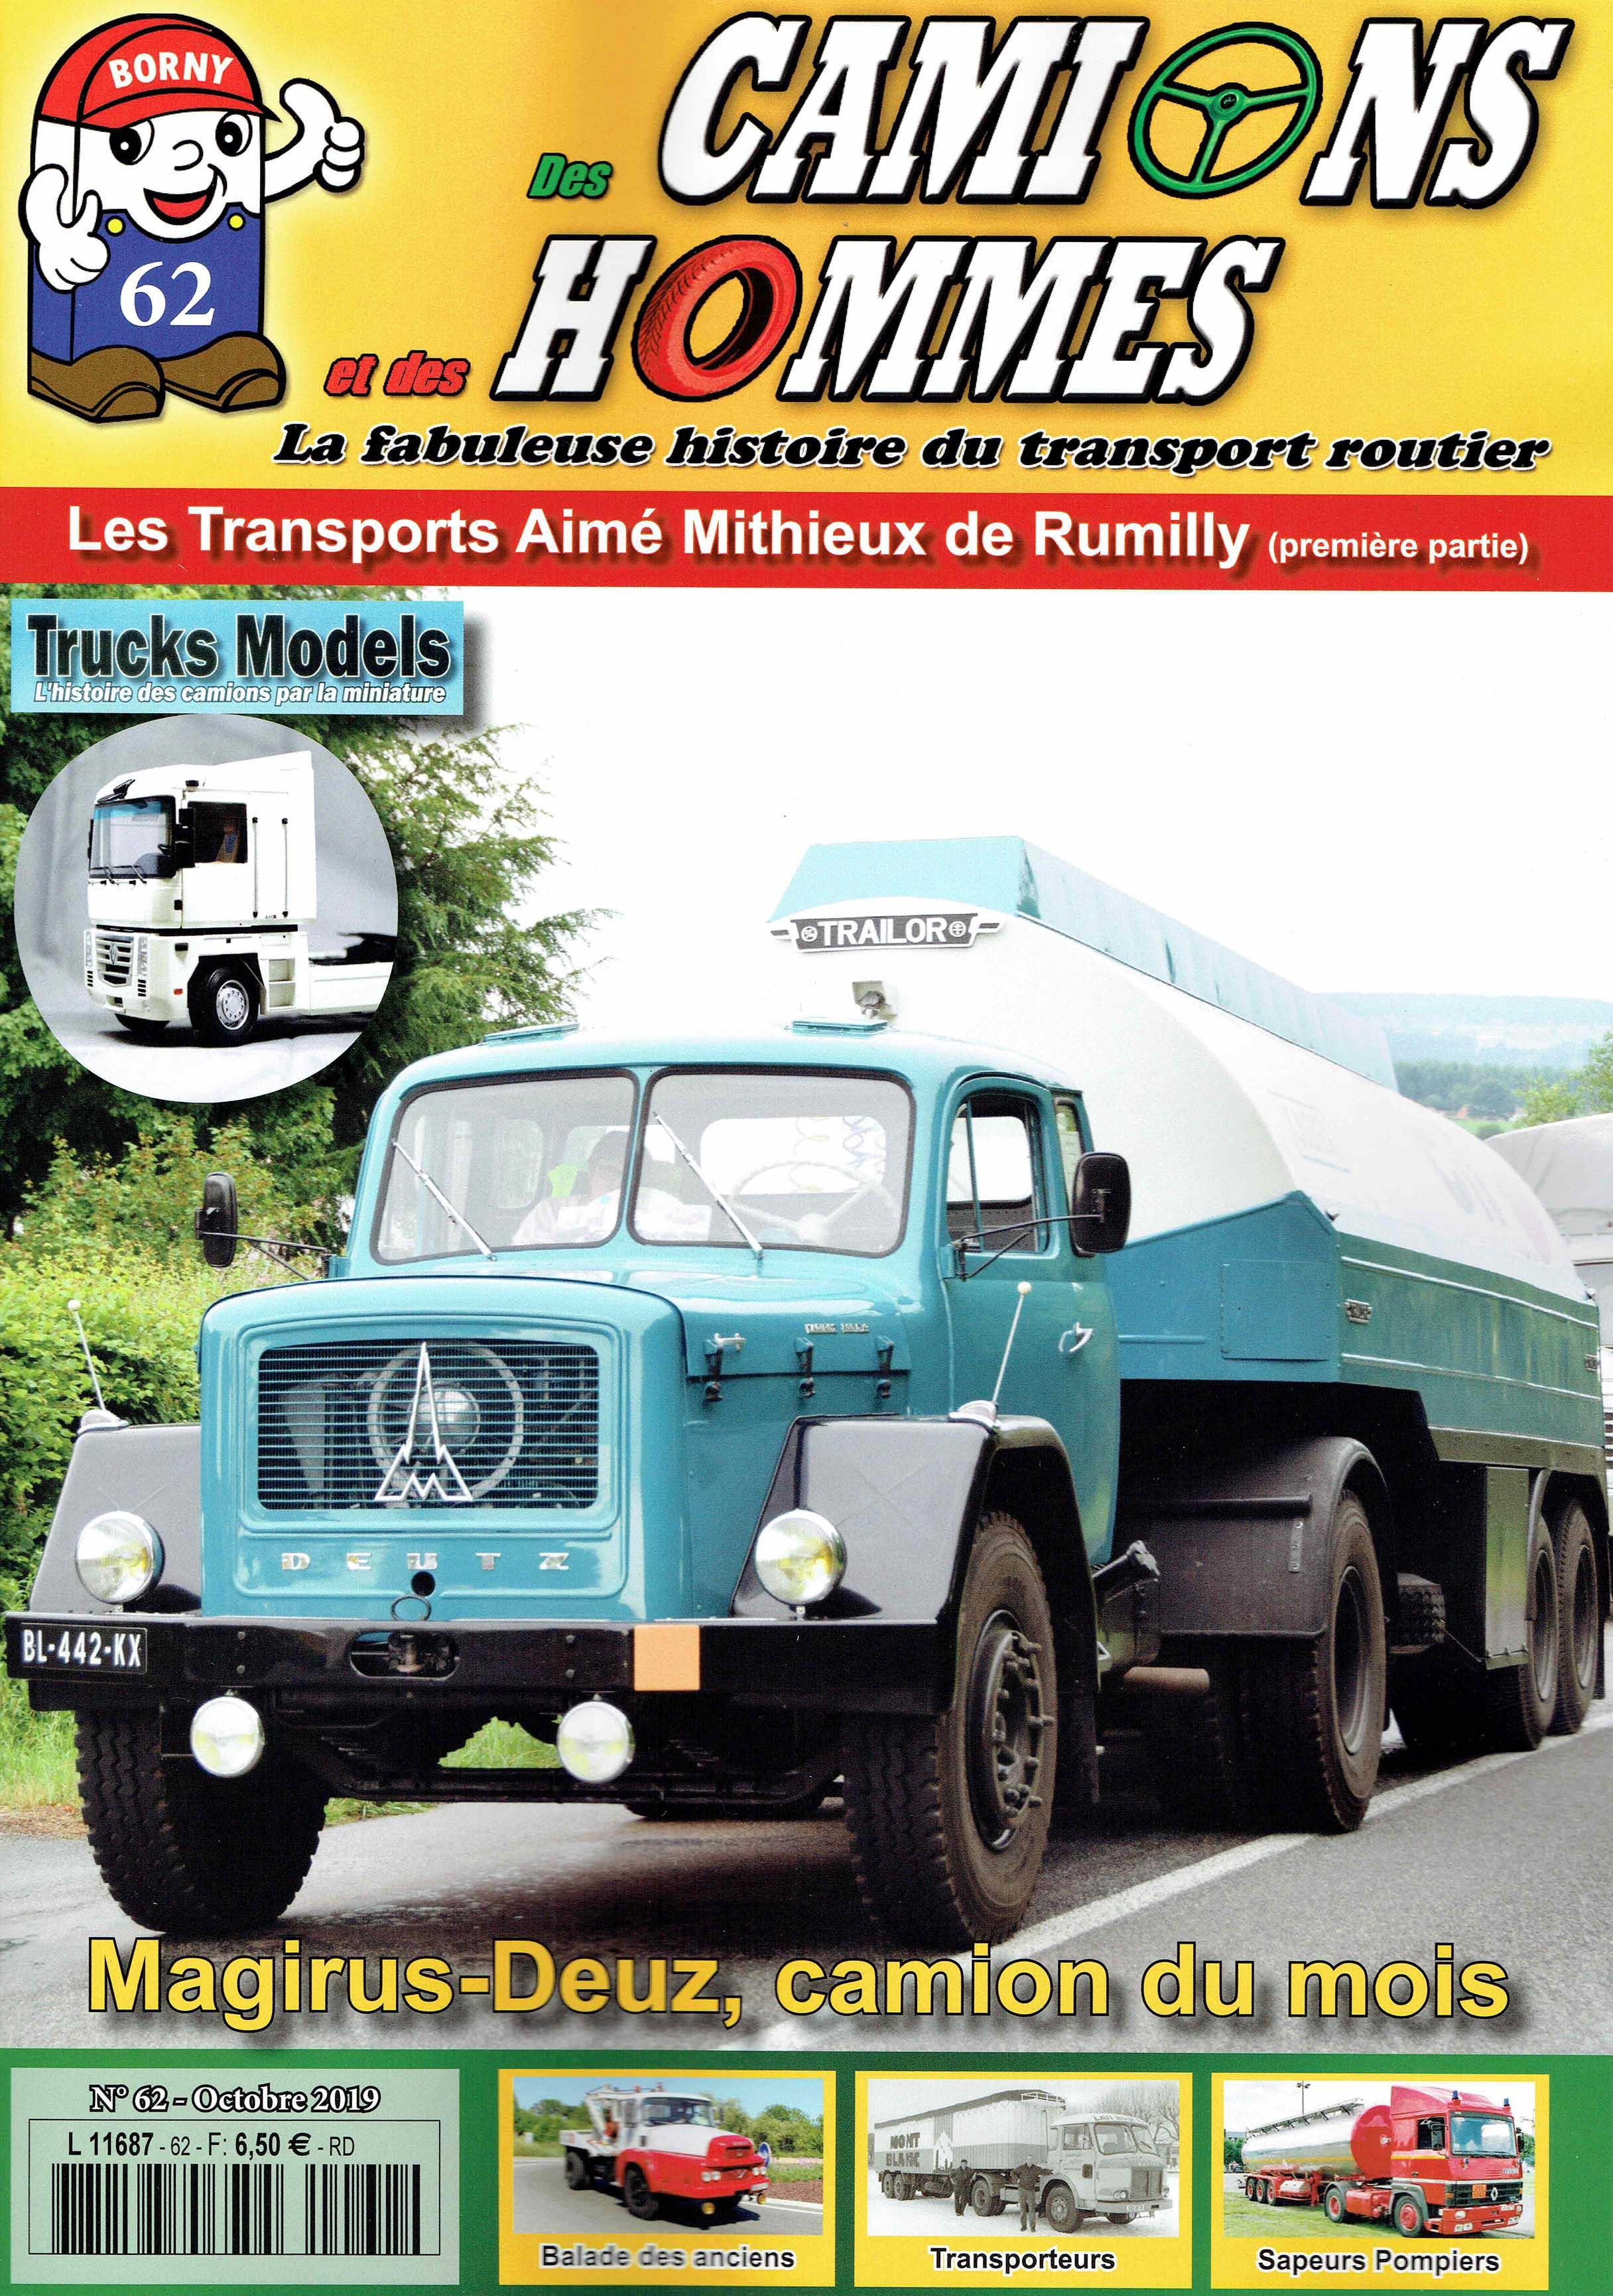 Magazine N°62 Des Camions et des Hommes (Etranger)